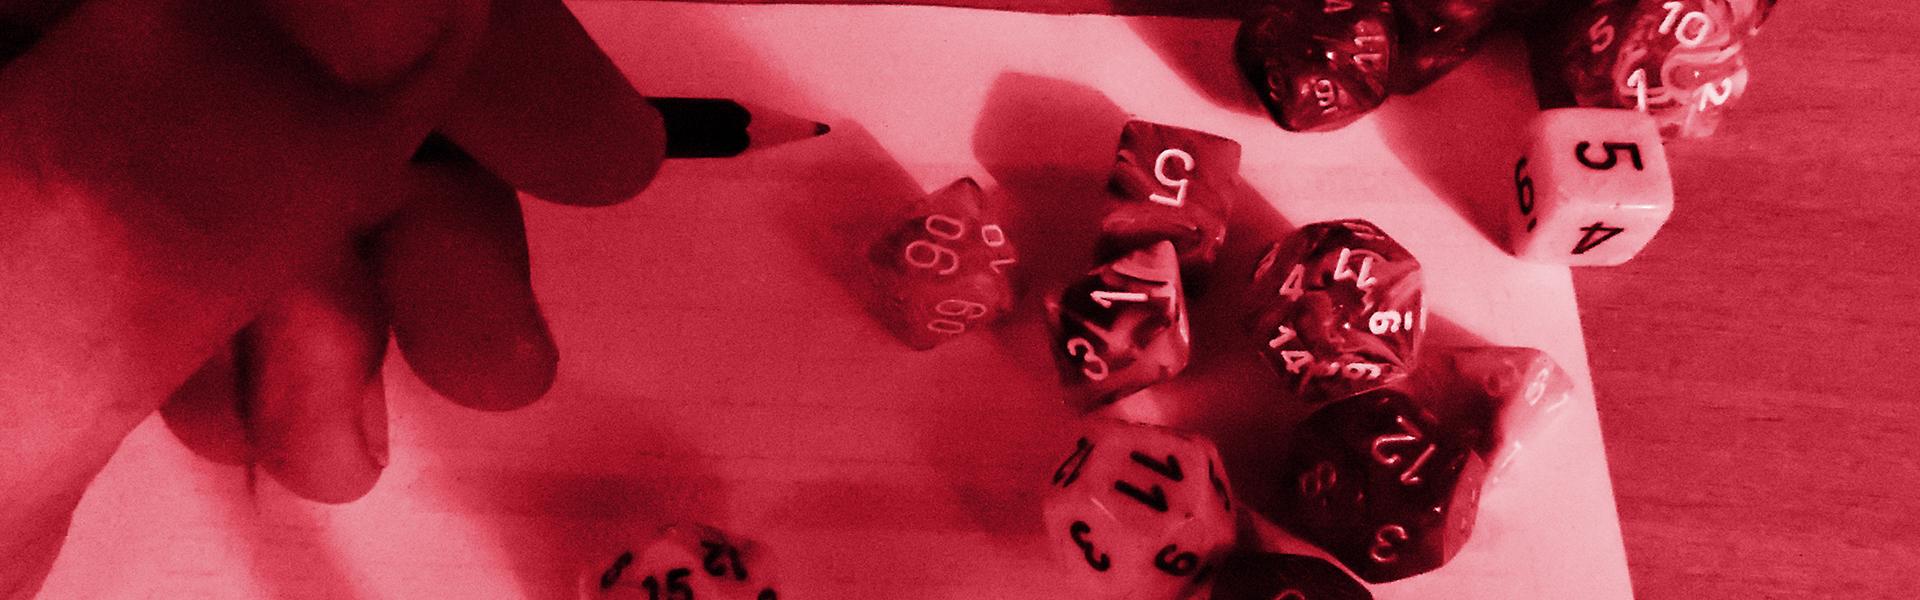 GDR E LIBRO GAME